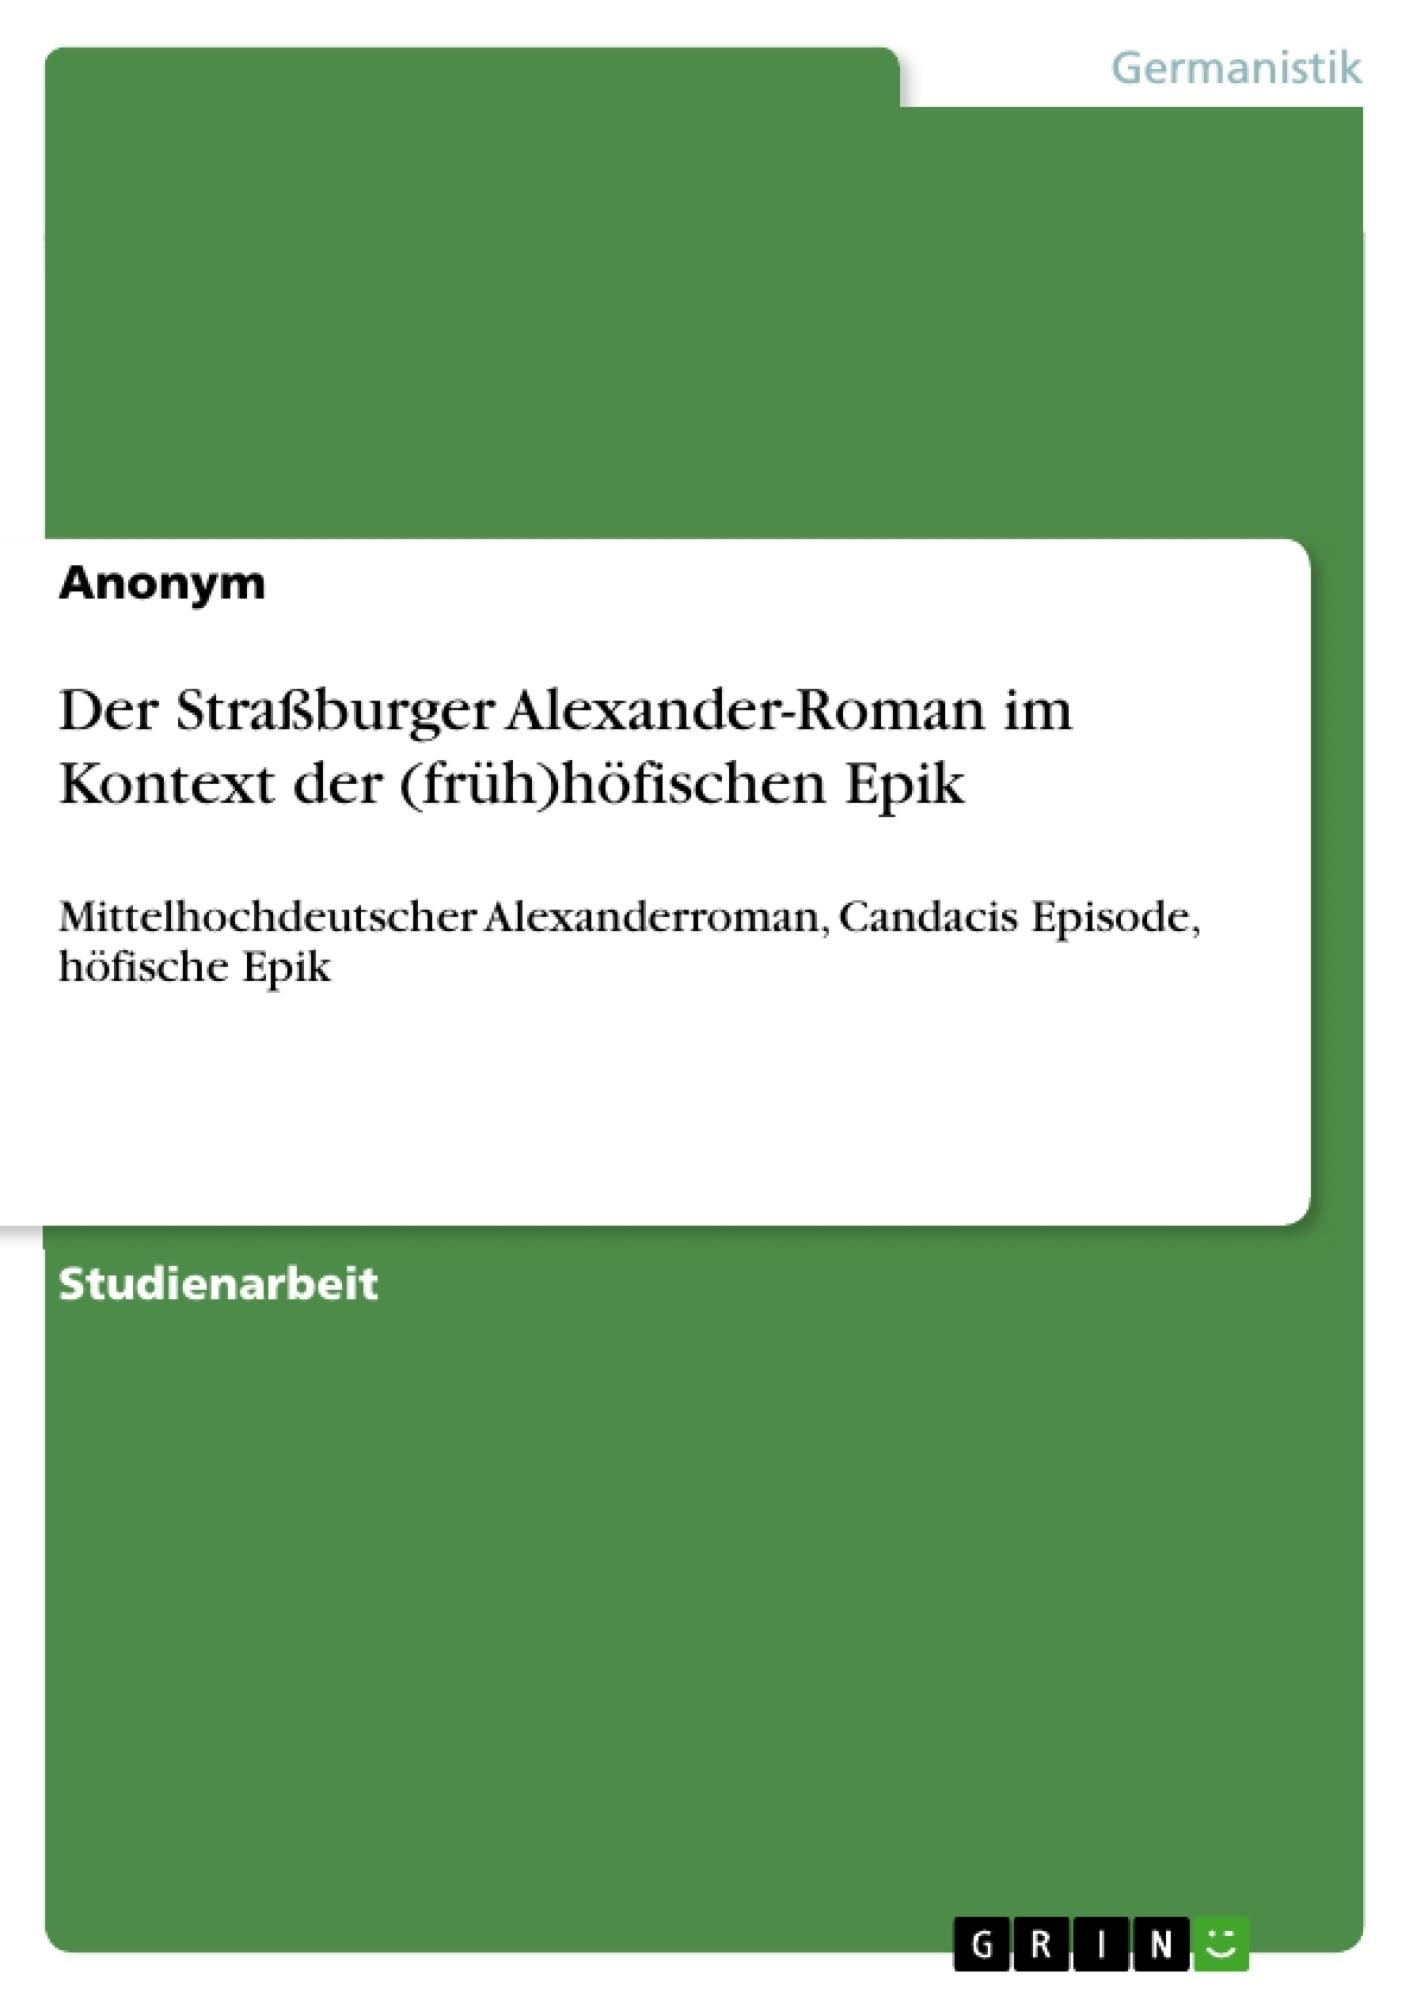 Titel: Der Straßburger Alexander-Roman im Kontext der (früh)höfischen Epik